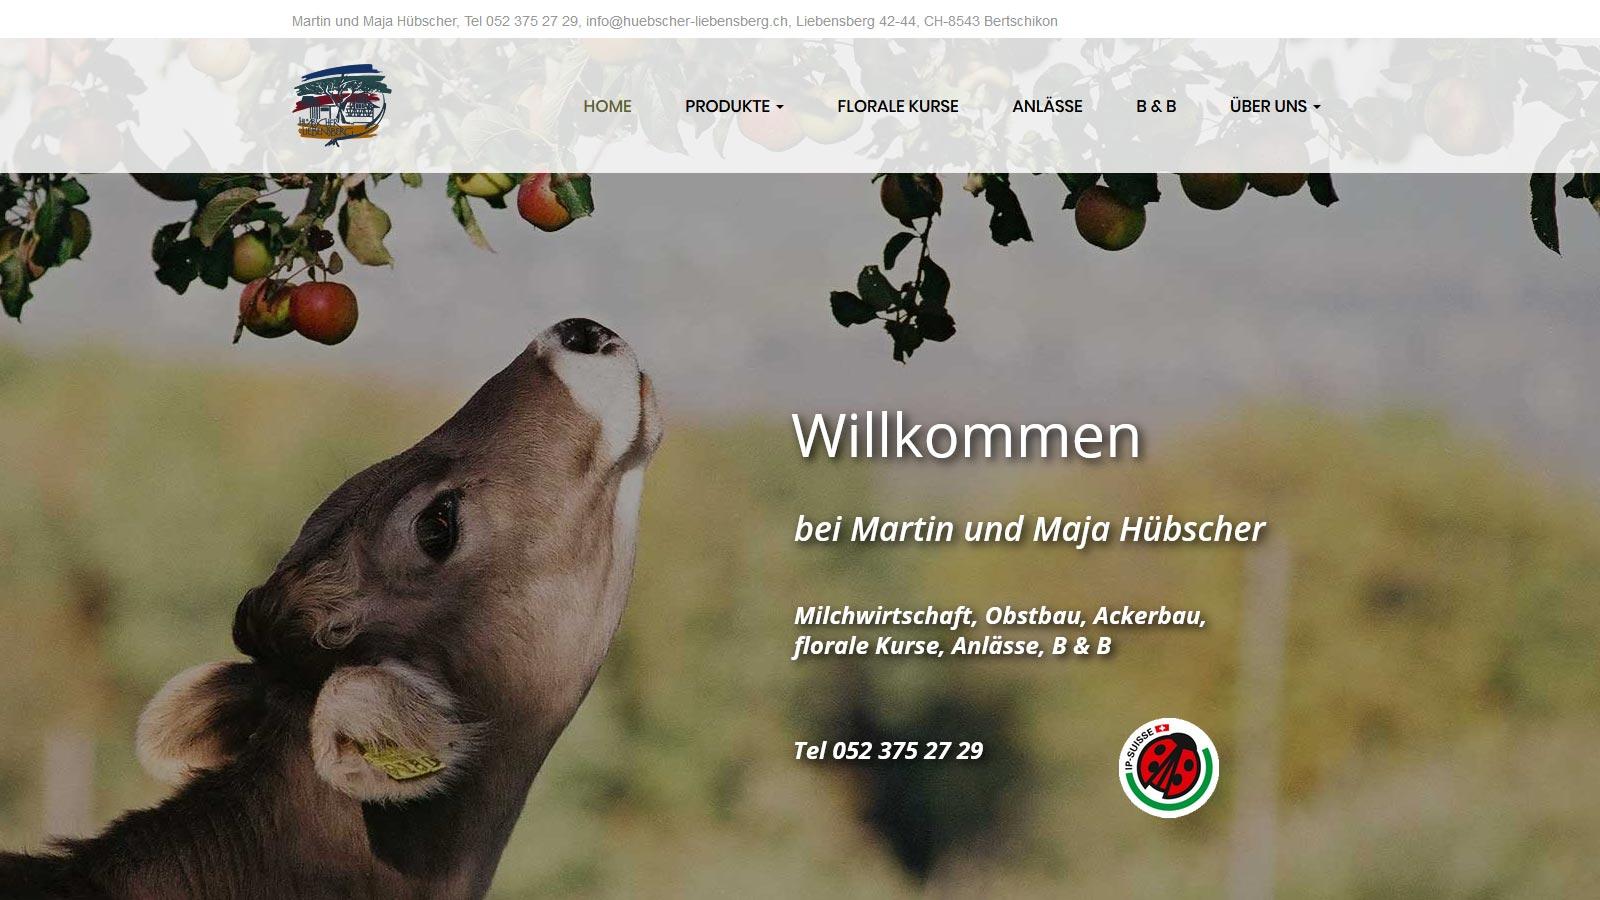 www.huebscher-liebensberg.ch